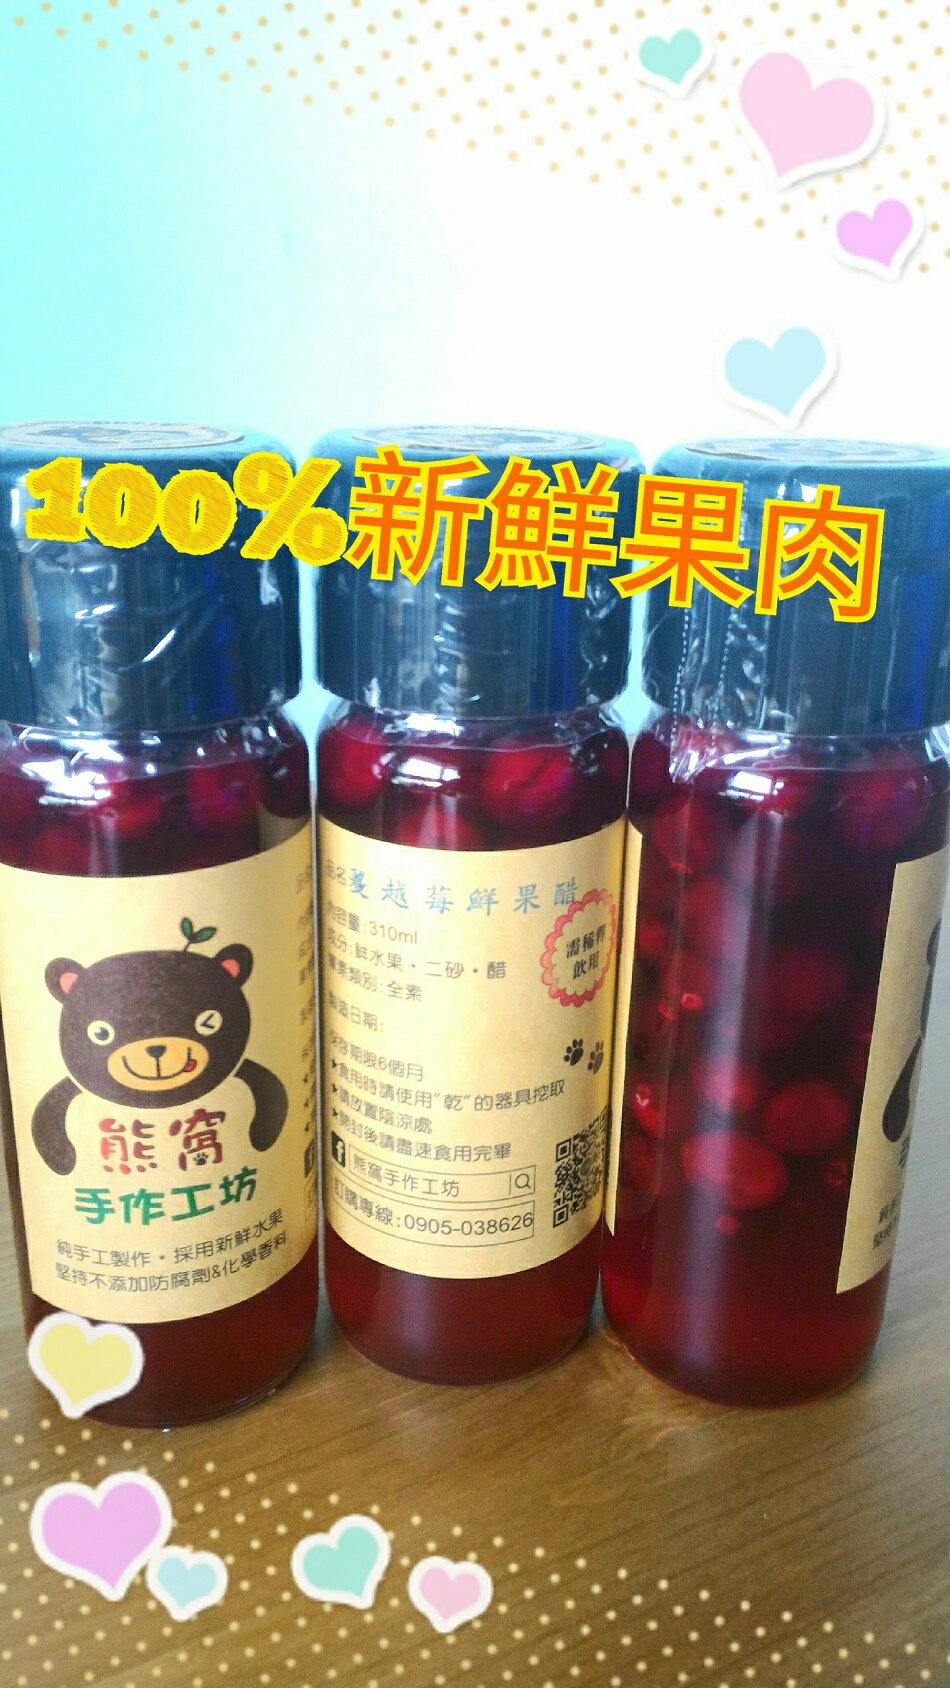 熊窩手作工坊-堅持純手工製作~100%原汁原味-小罐鮮果醋任選3罐含運~特價599元 2